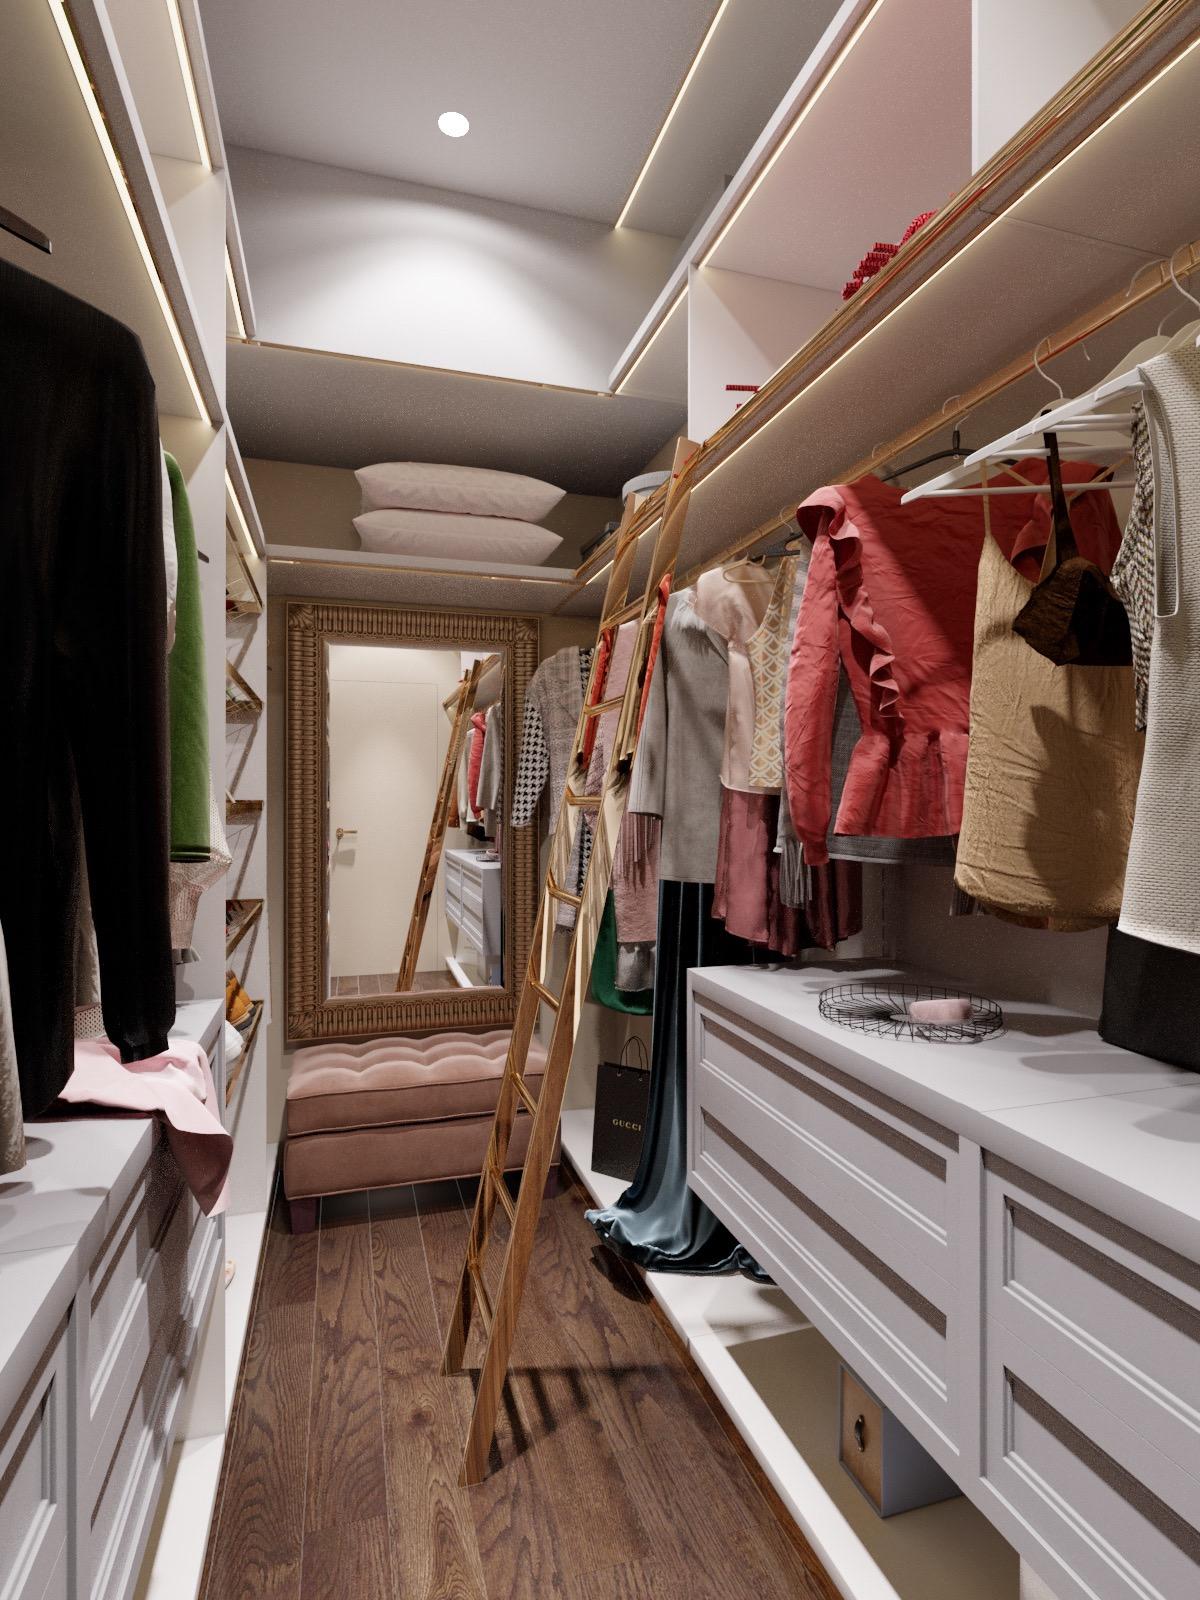 Nội thất căn hộ 70m2 tuyệt đẹp với thiết kế bán cổ điển 13